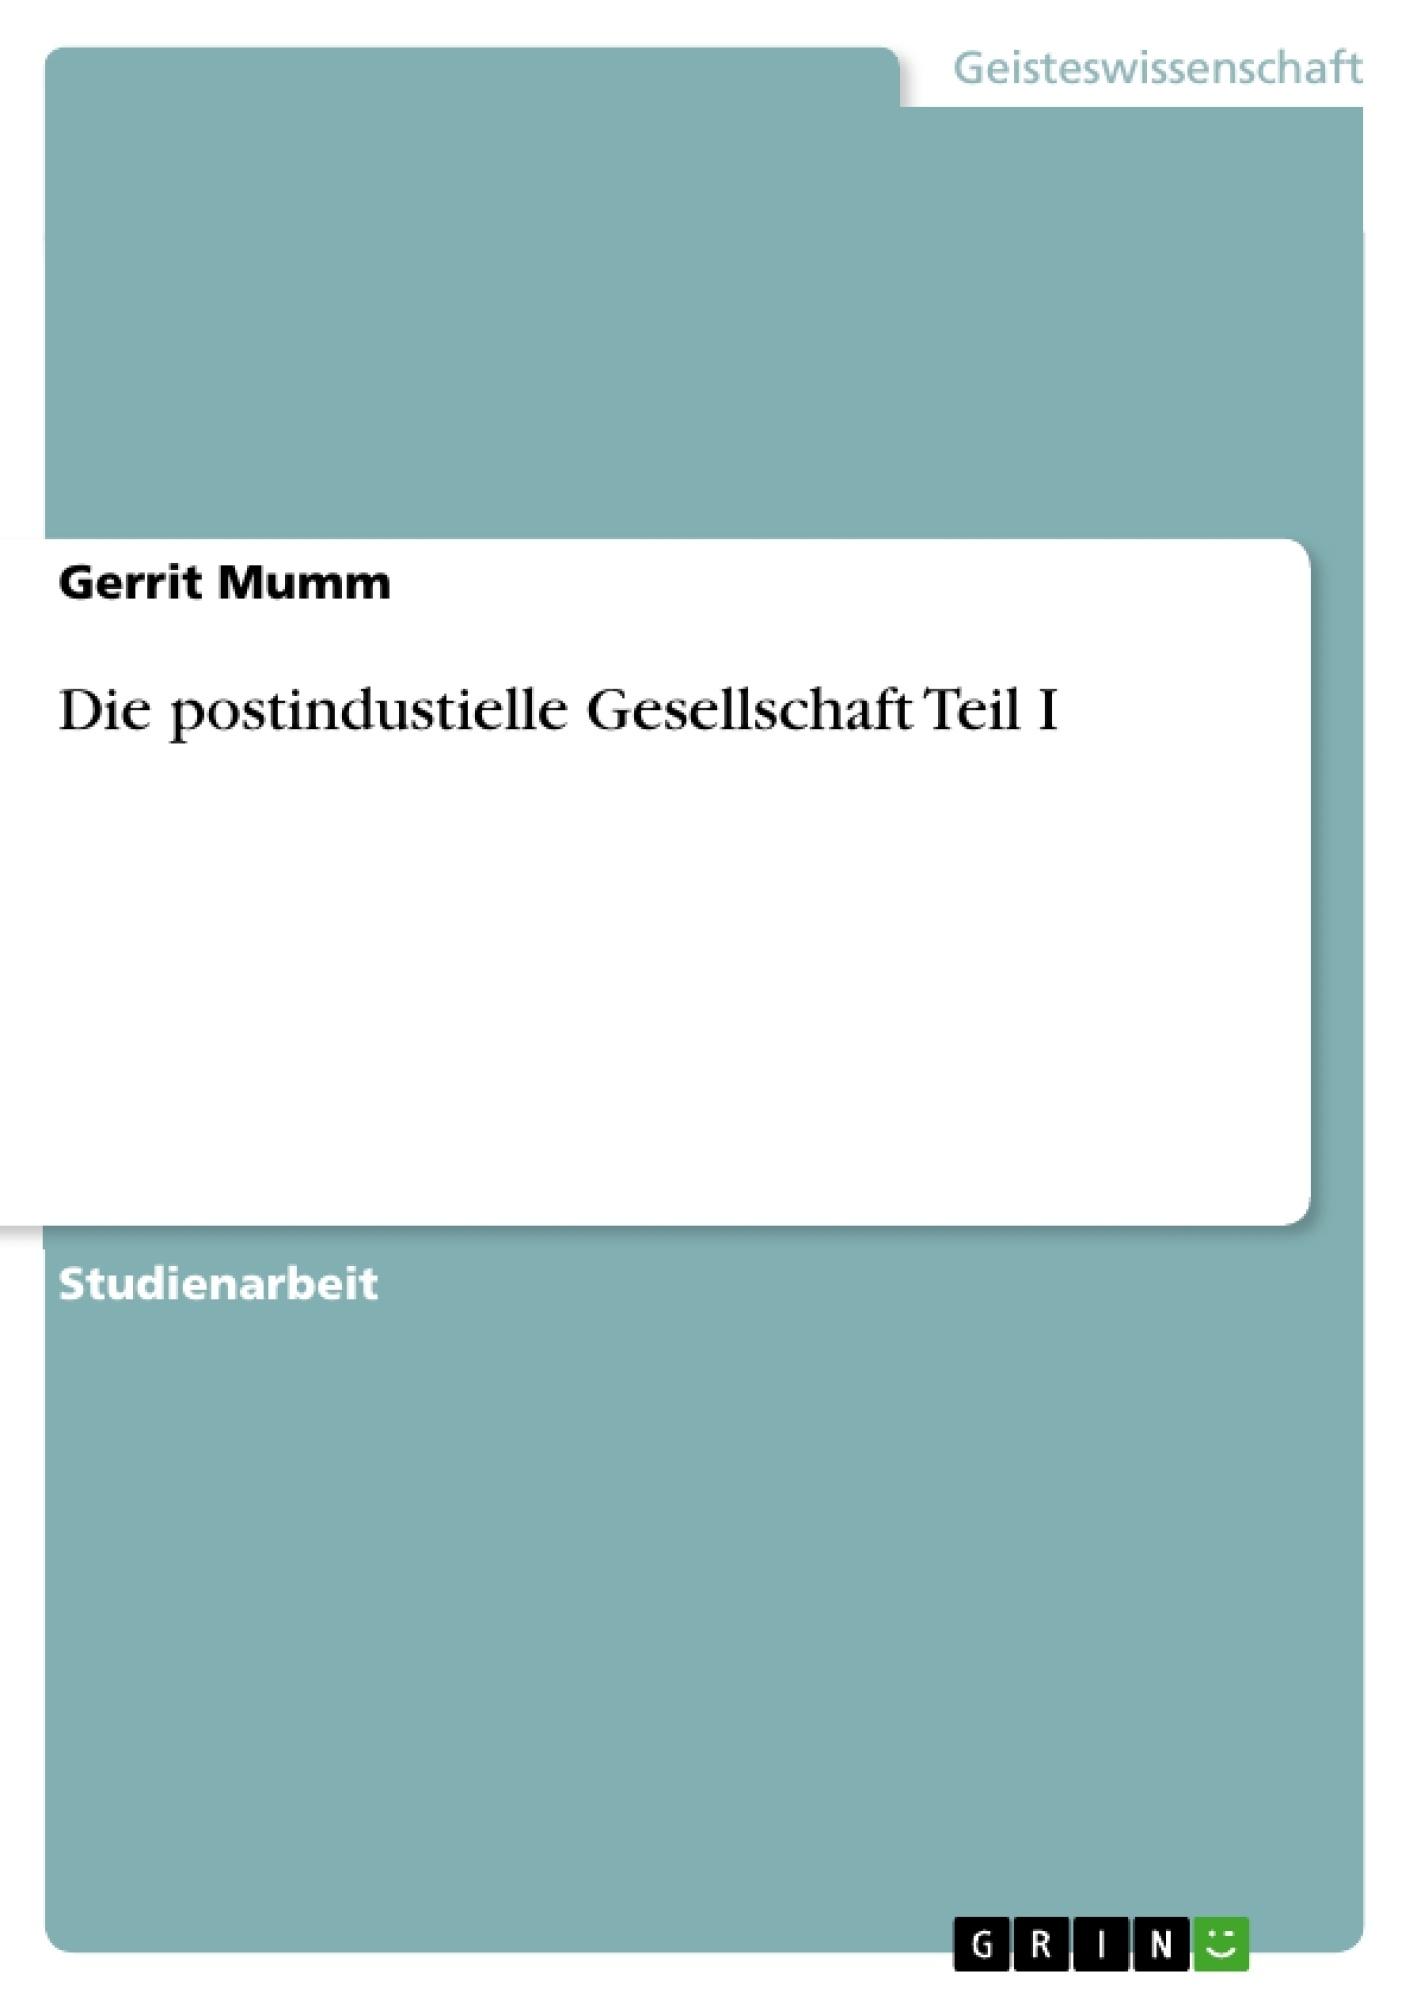 Titel: Die postindustielle Gesellschaft Teil I